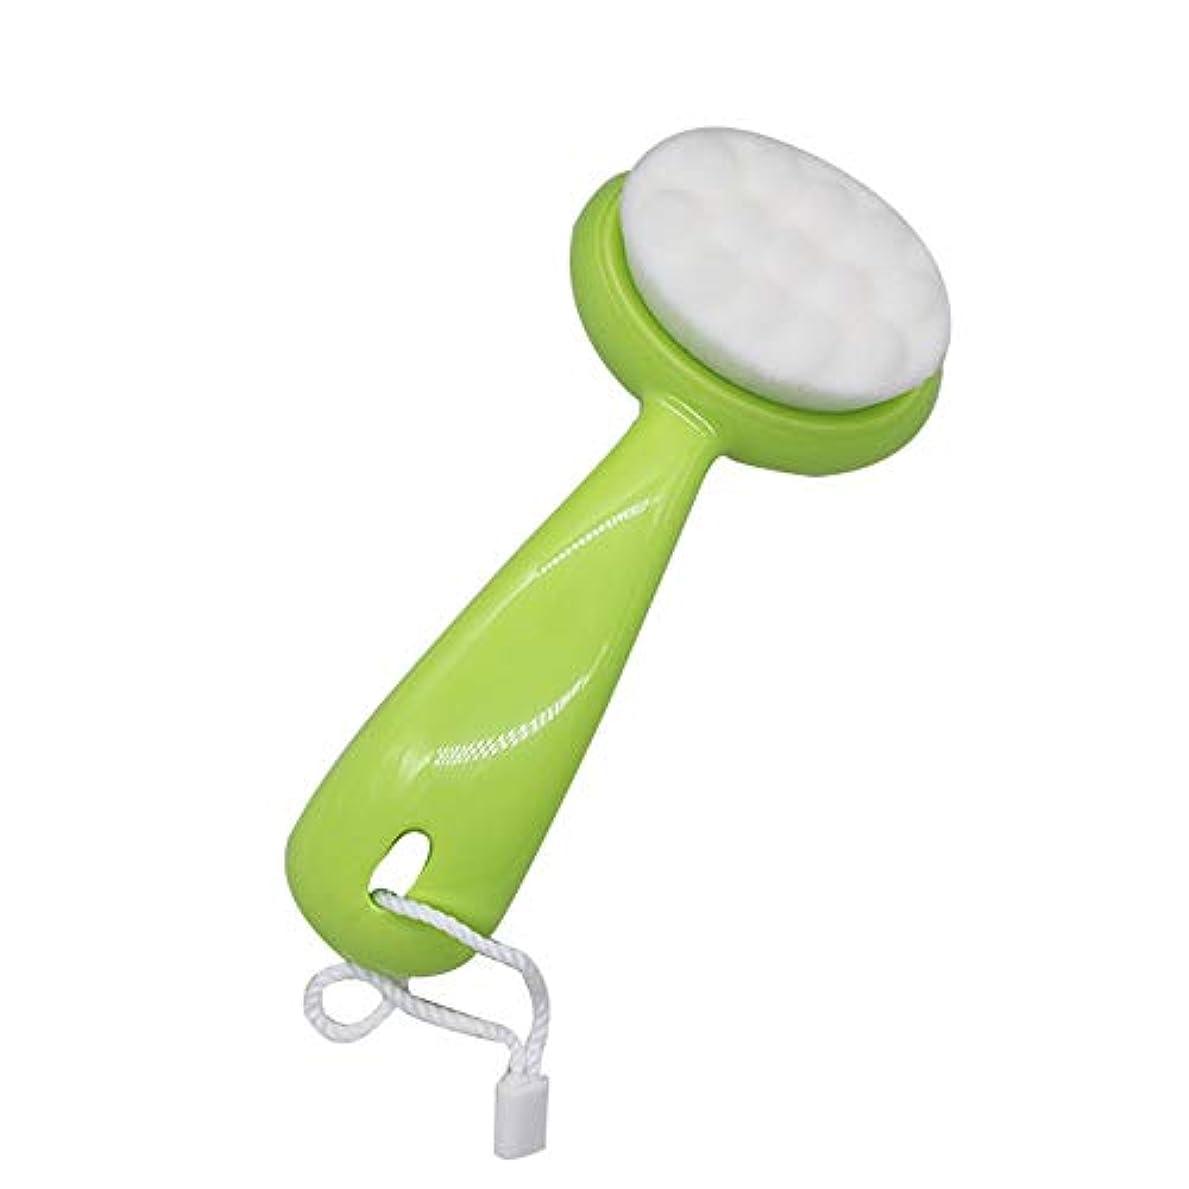 用心する探偵メインLYX ブラシ、マニュアルロングハンドル、ソフトの髪、クレンジングブラシ、ディープ毛穴クリーニングブラシ、クレンジング器、ブラックヘッド洗浄器の洗浄 (Color : 緑)